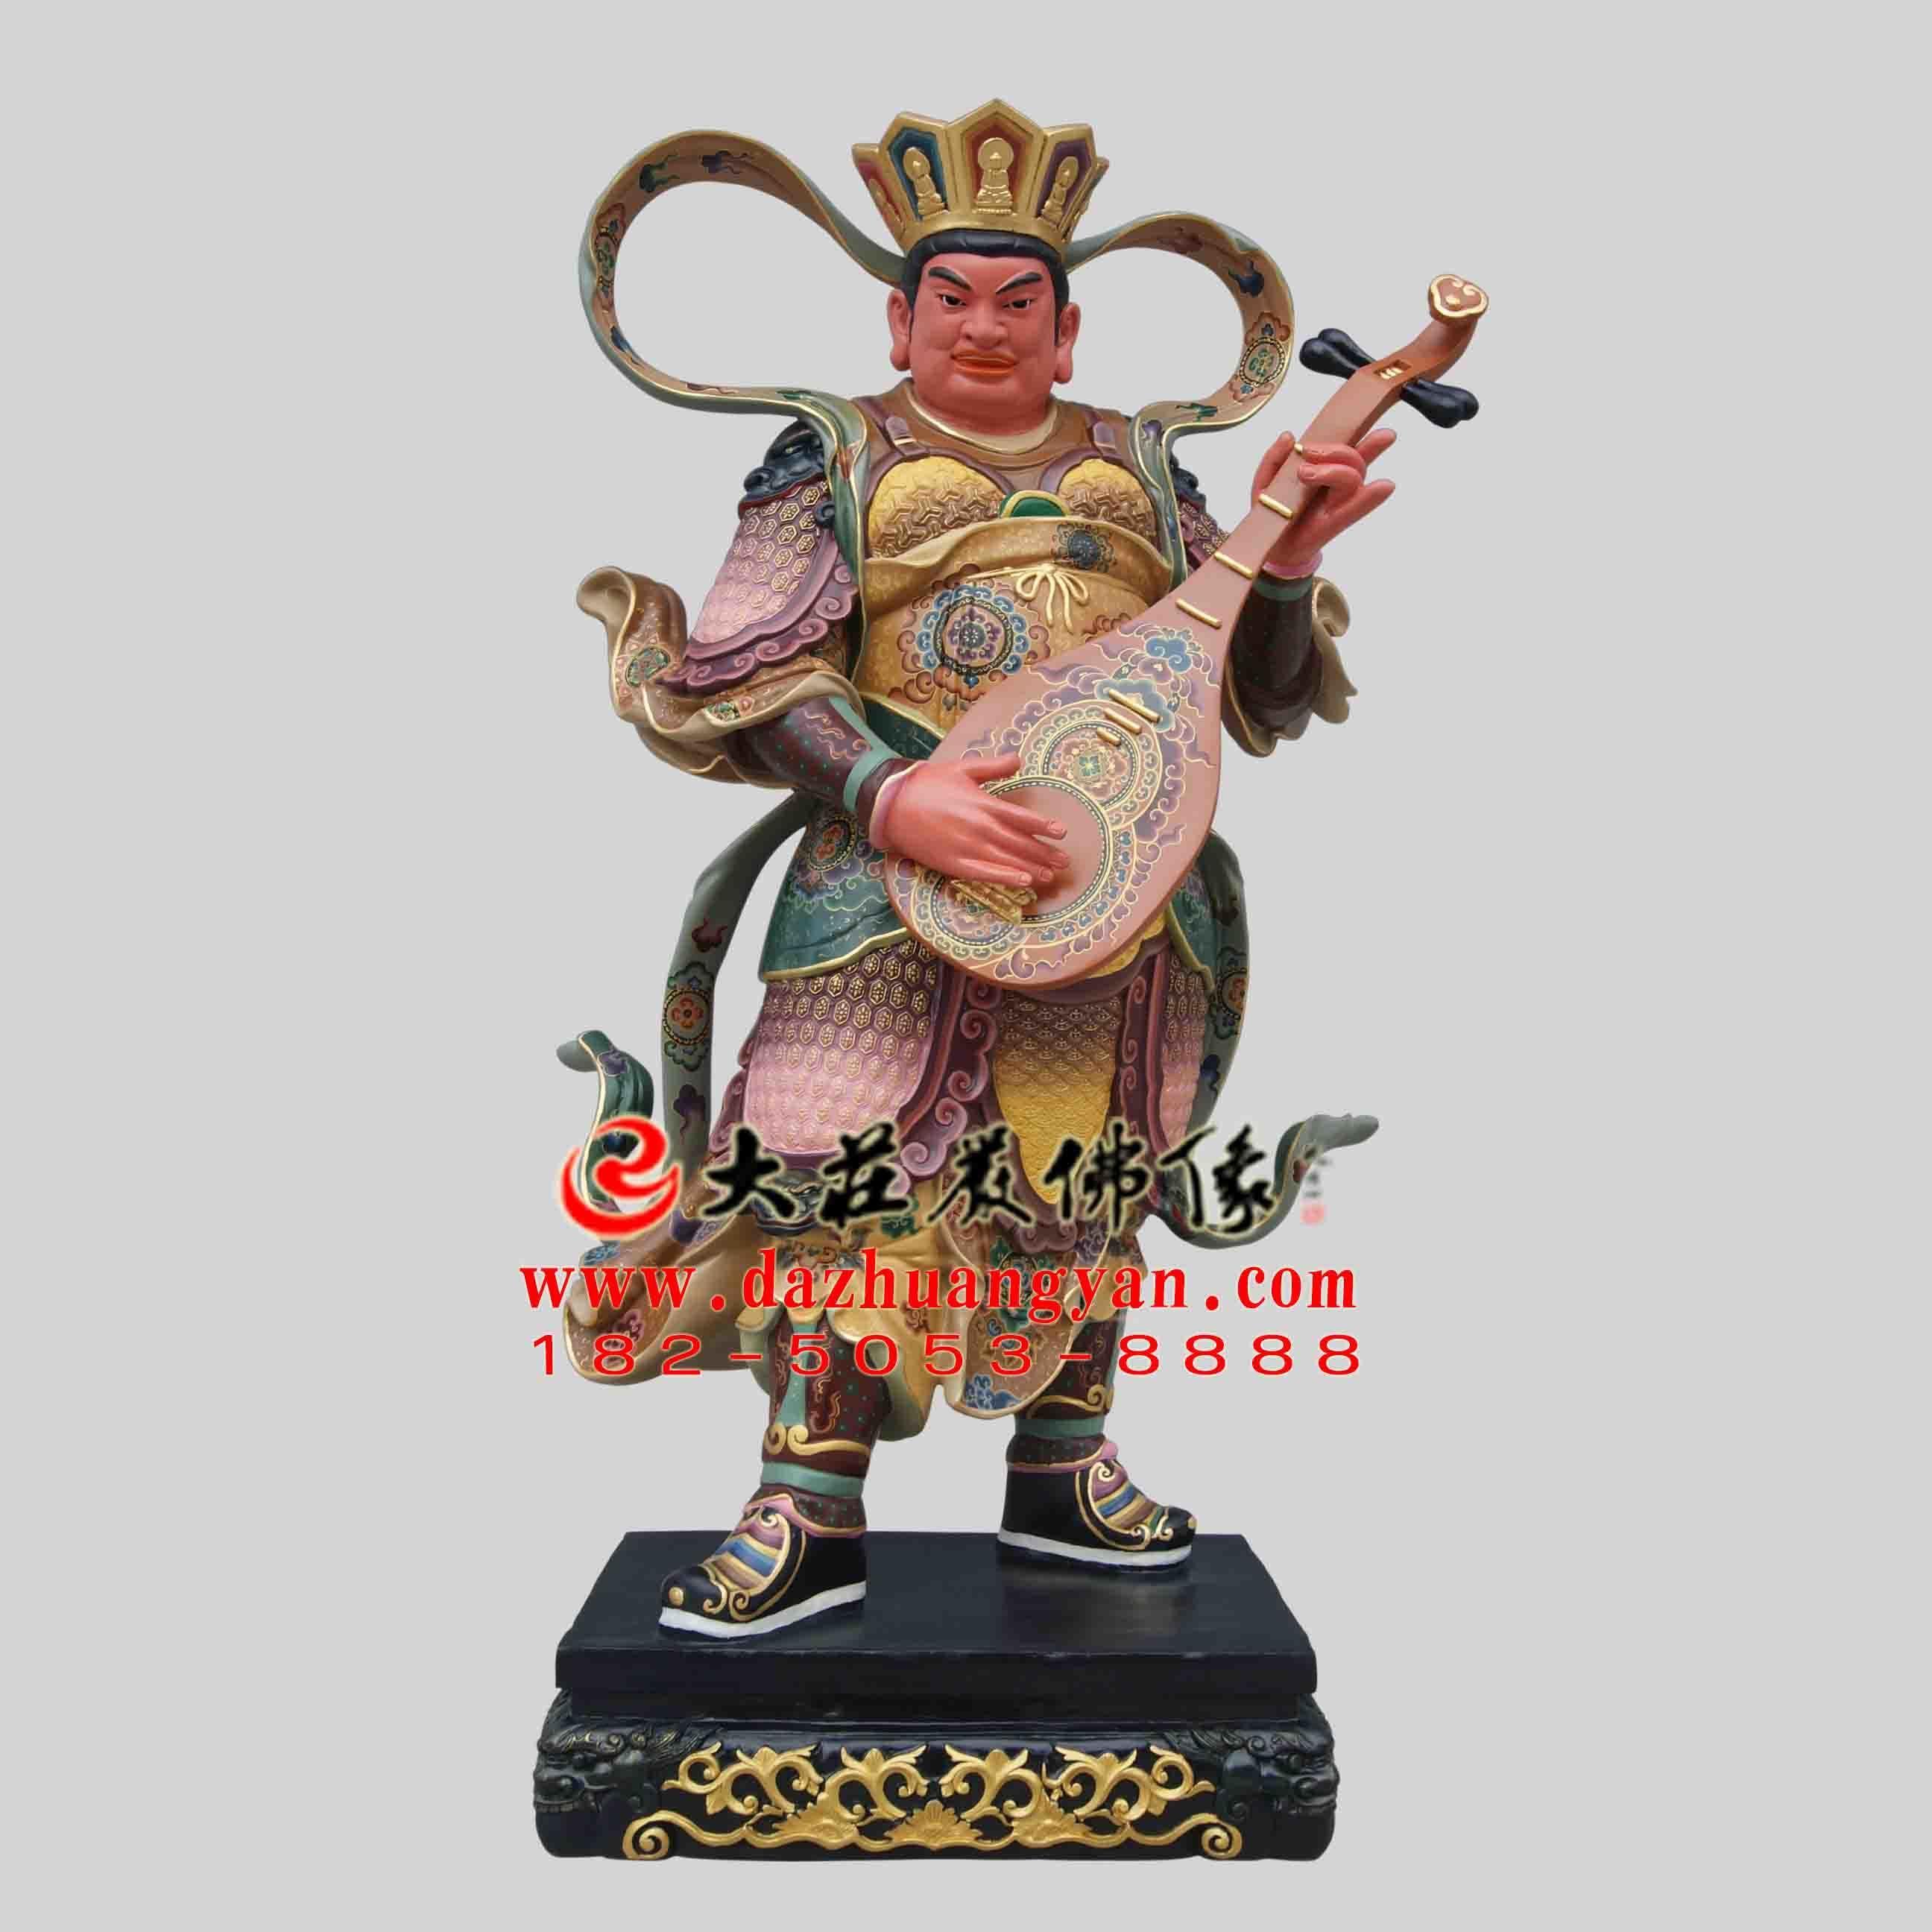 彩绘描金生漆脱胎持国天王塑像